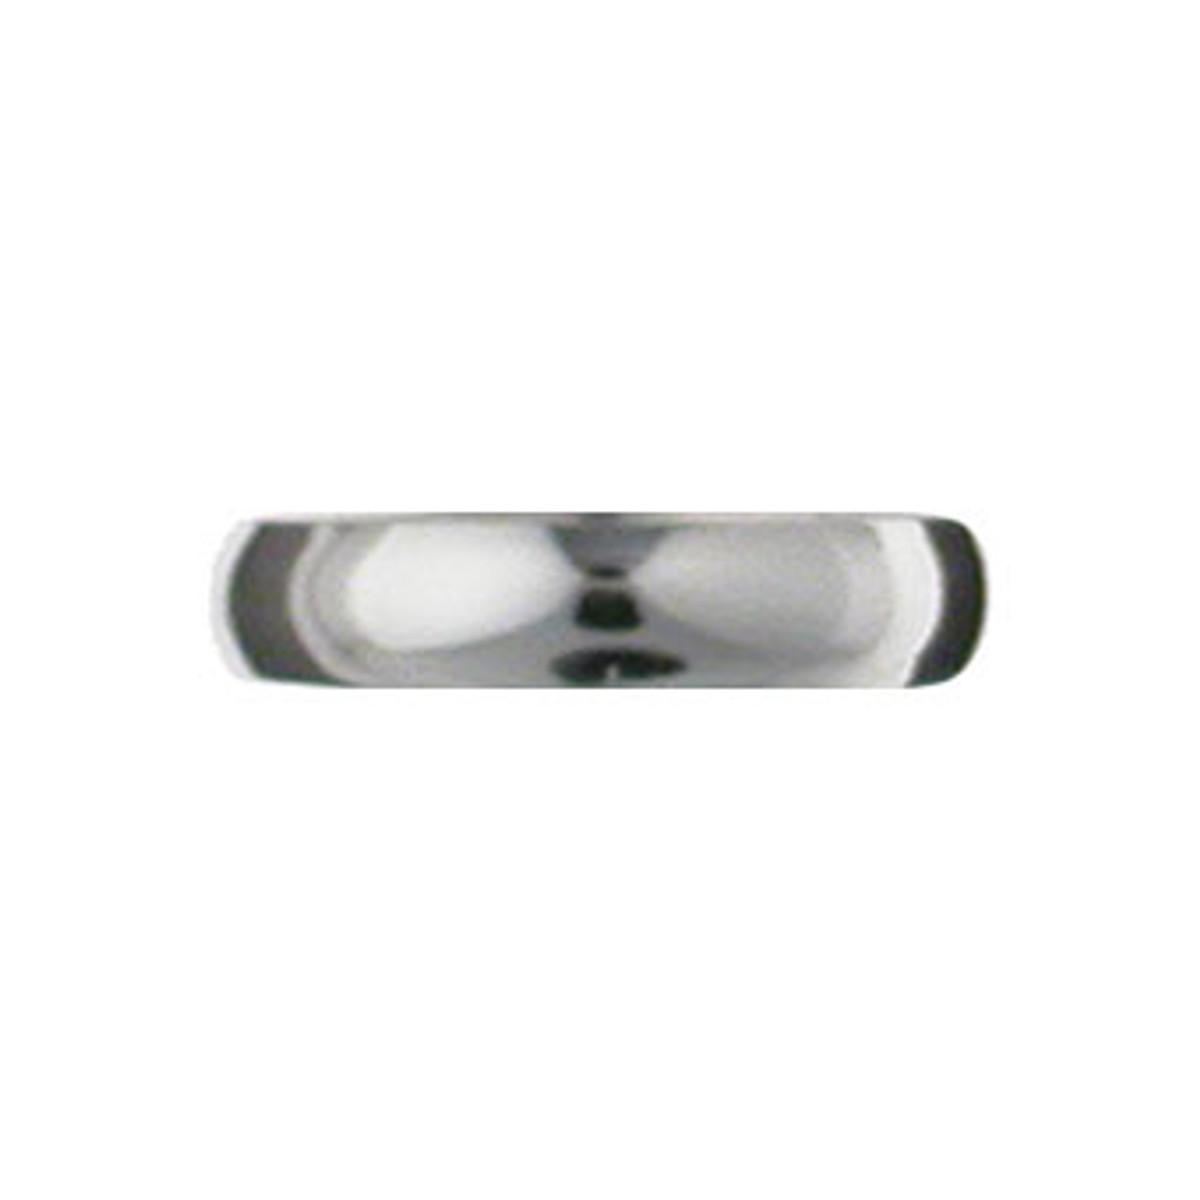 4mm ring